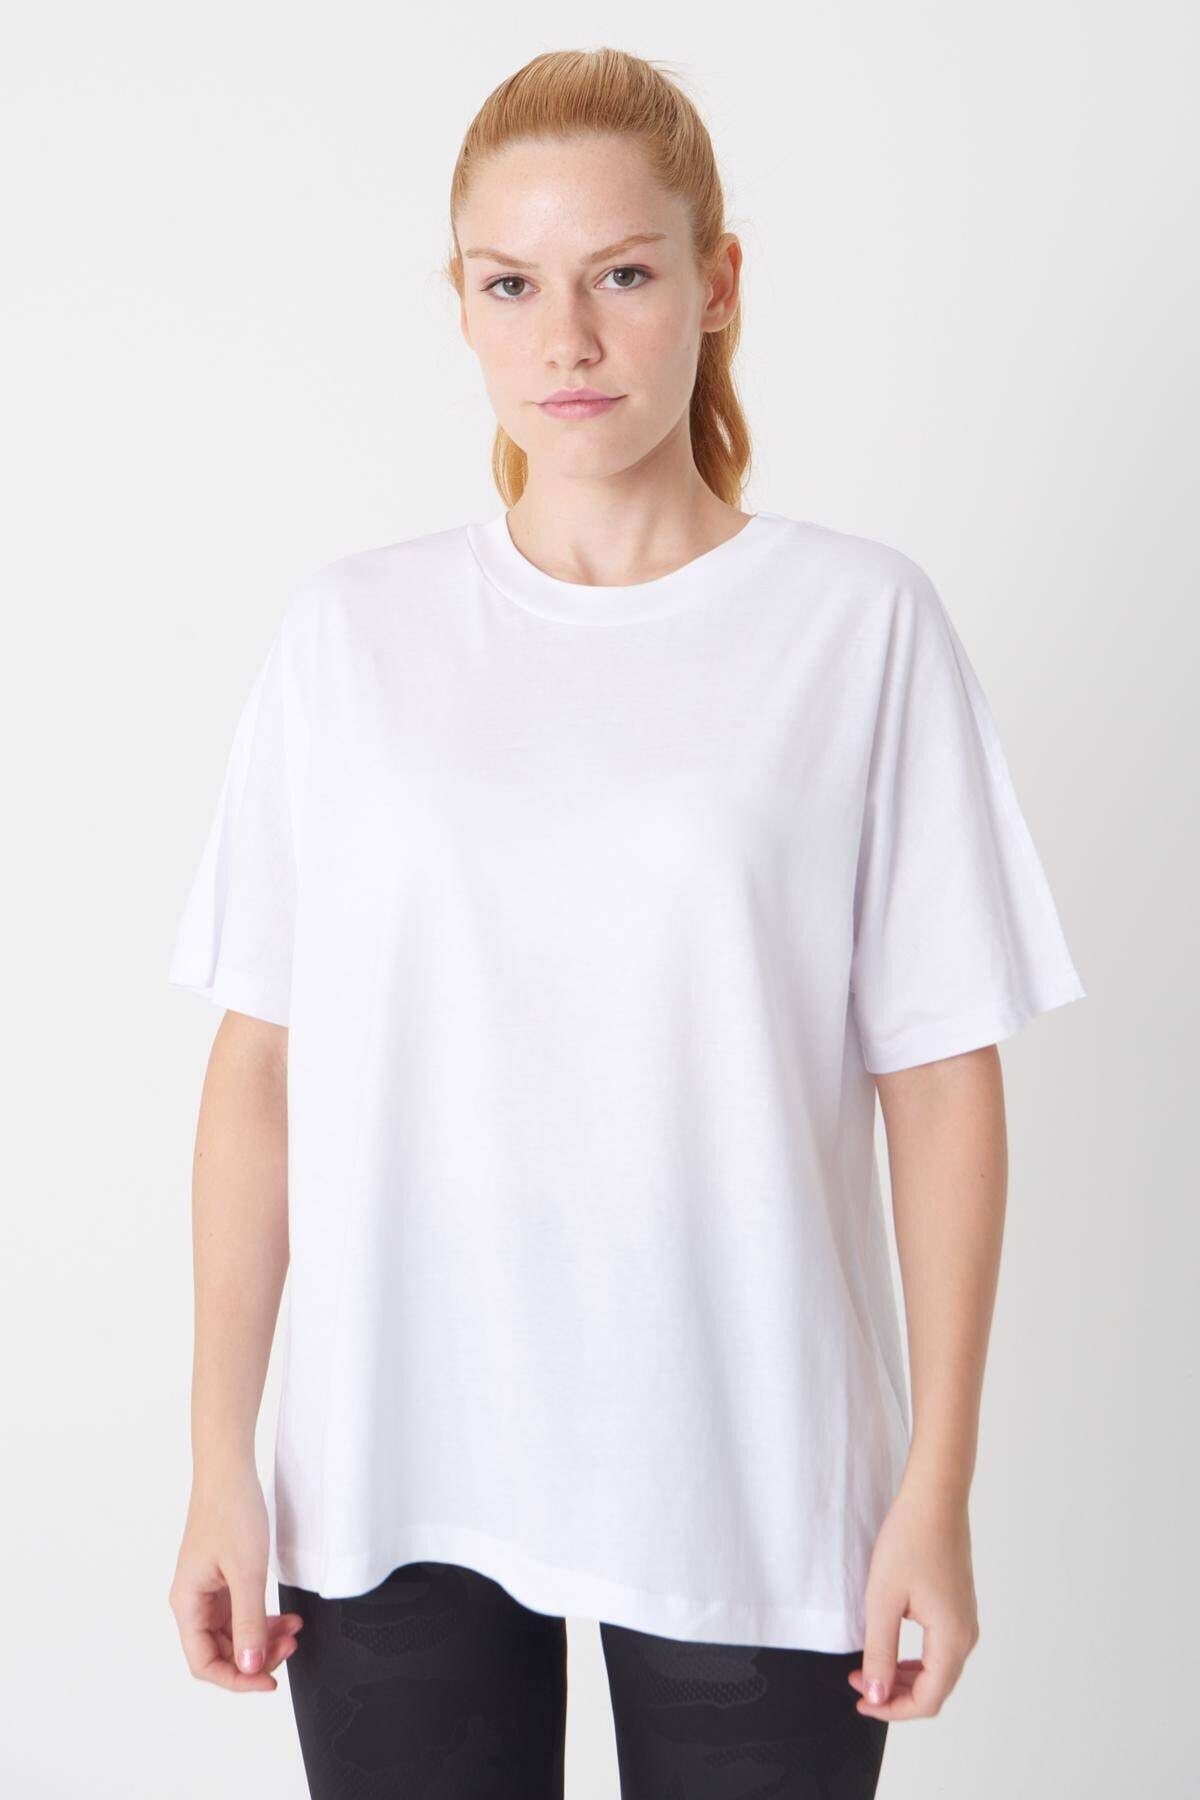 Addax Kadın Beyaz Oversize Basic Tişört P0730 - J6 - J7 ADX-0000020569 1